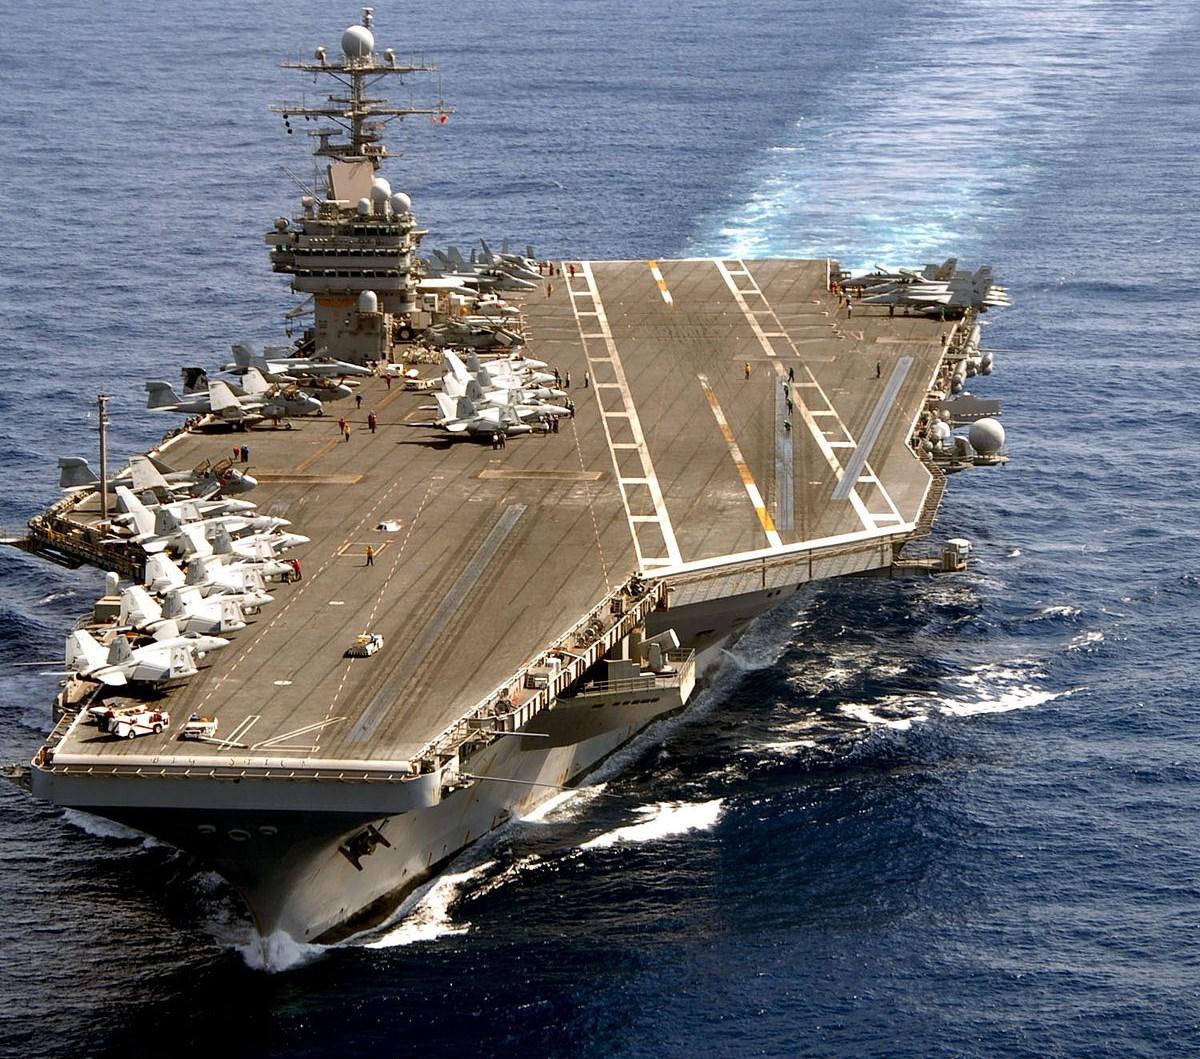 كيف انتقل فيروس كورونا إلى حاملة طائرات أميركية وسط المحيط؟!